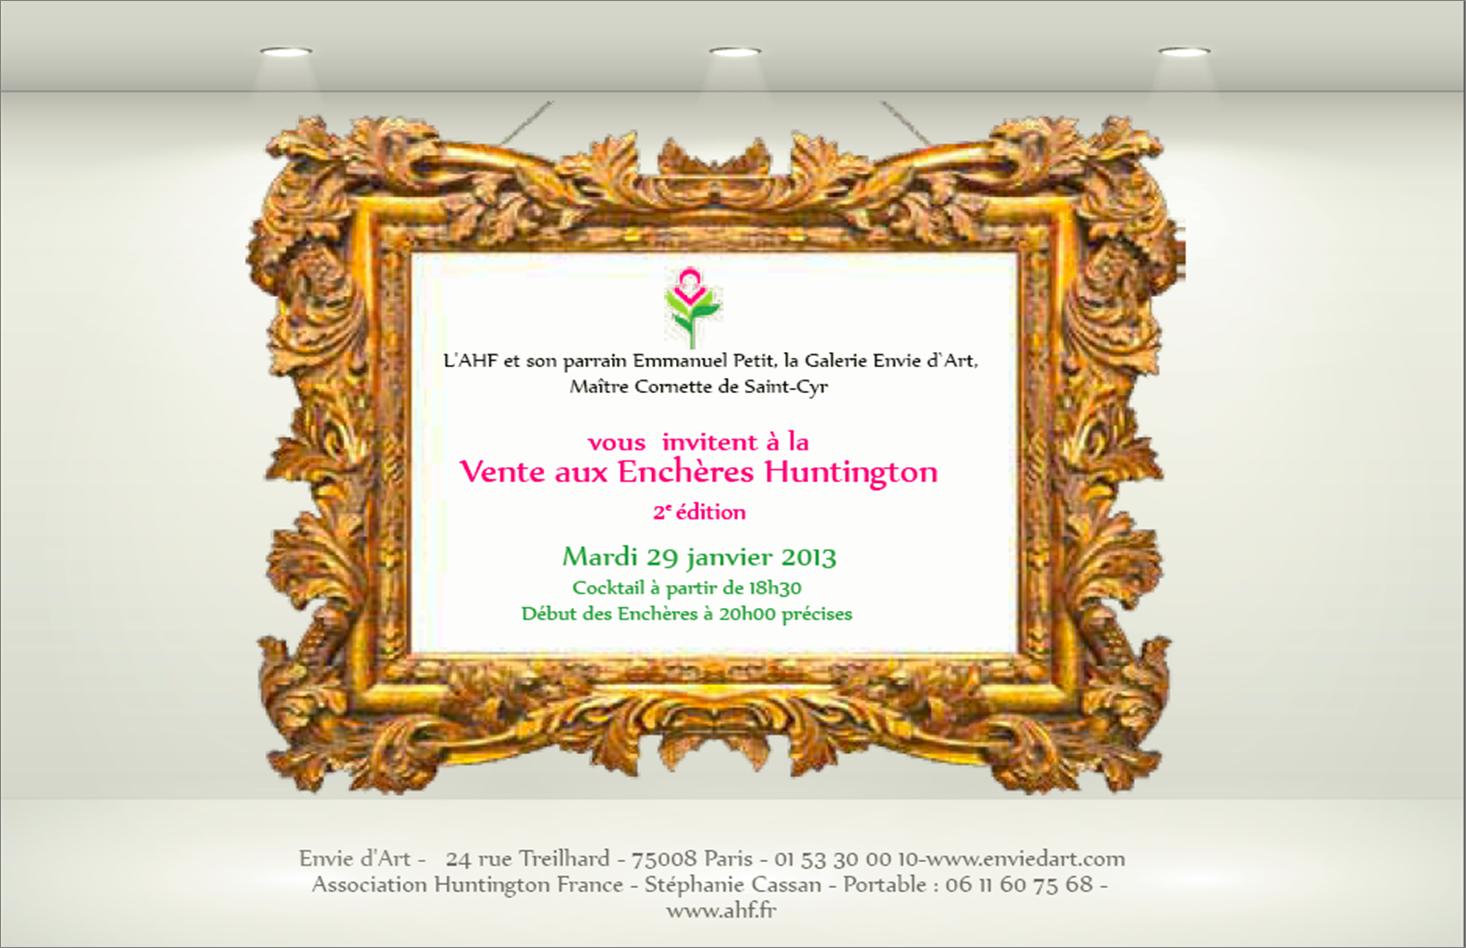 INVIT VAE HUNTINGTON